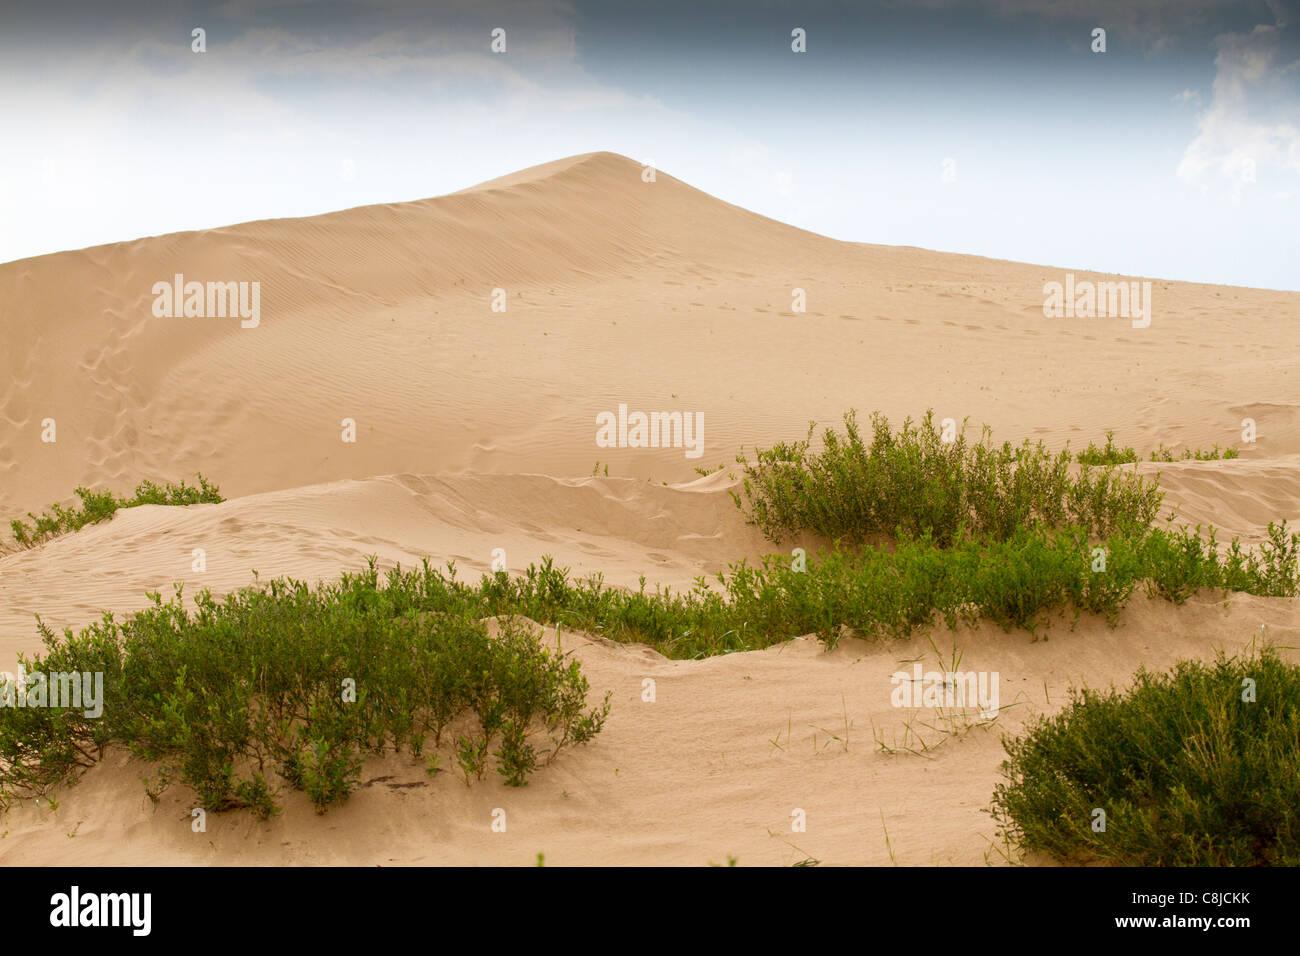 Gobi desert sands in Mongolia - Stock Image